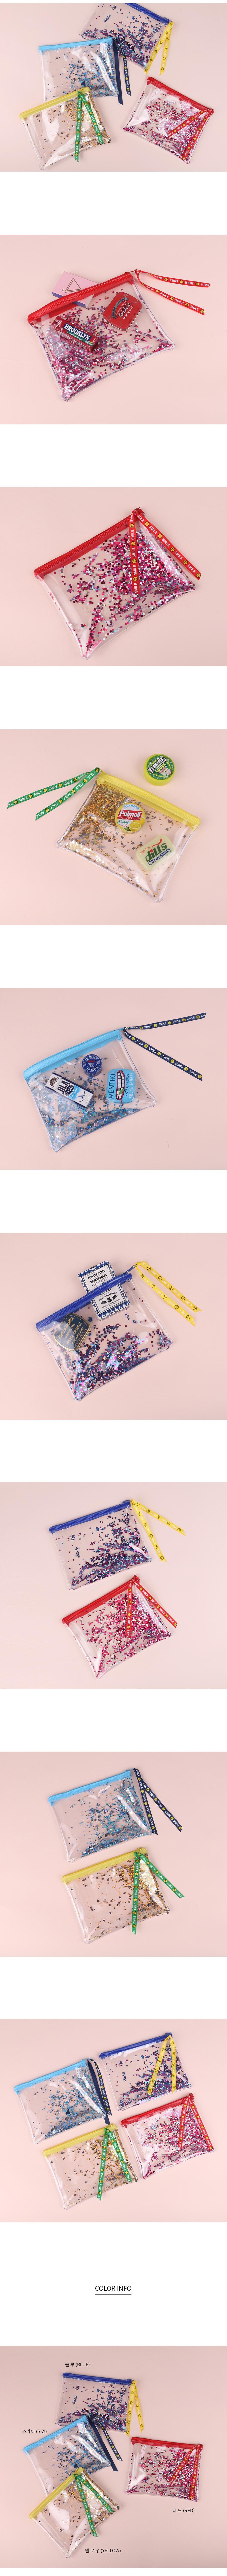 PVC 글루터 투명파우치 - 릴리, 7,600원, 다용도파우치, 지퍼형